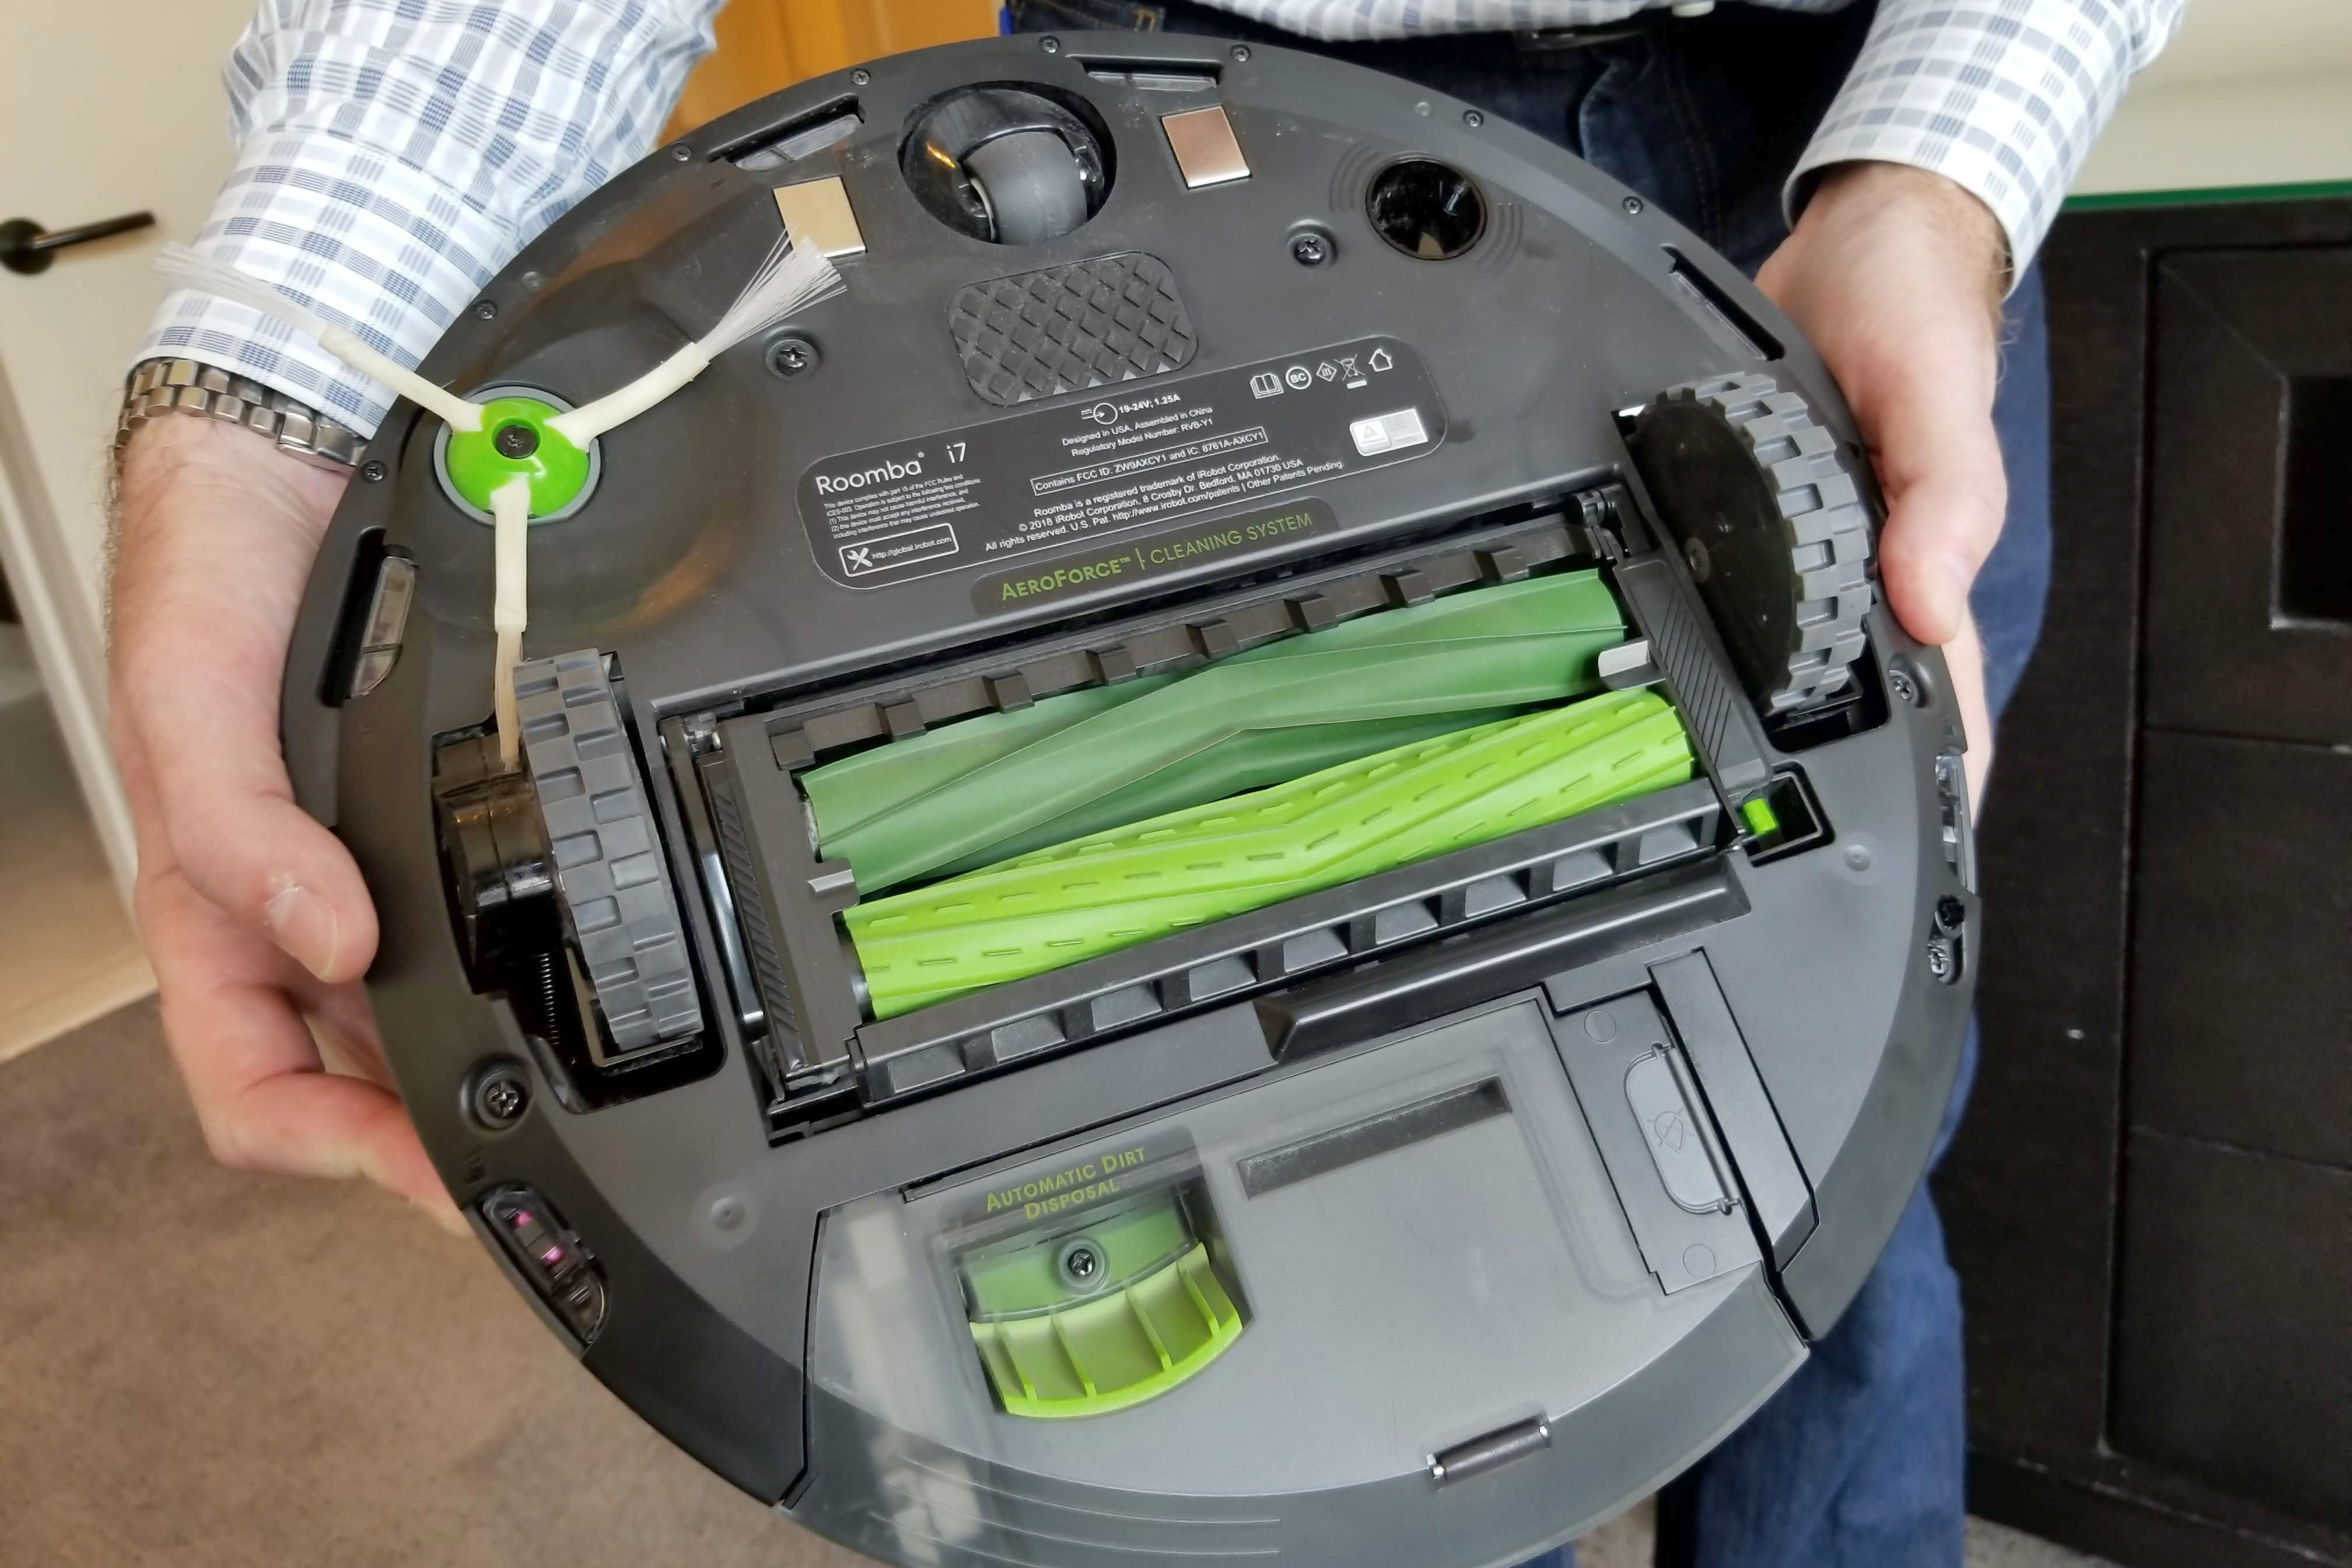 Irobot S Roomba I7 Is So Smart It Empties Its Own Dirt